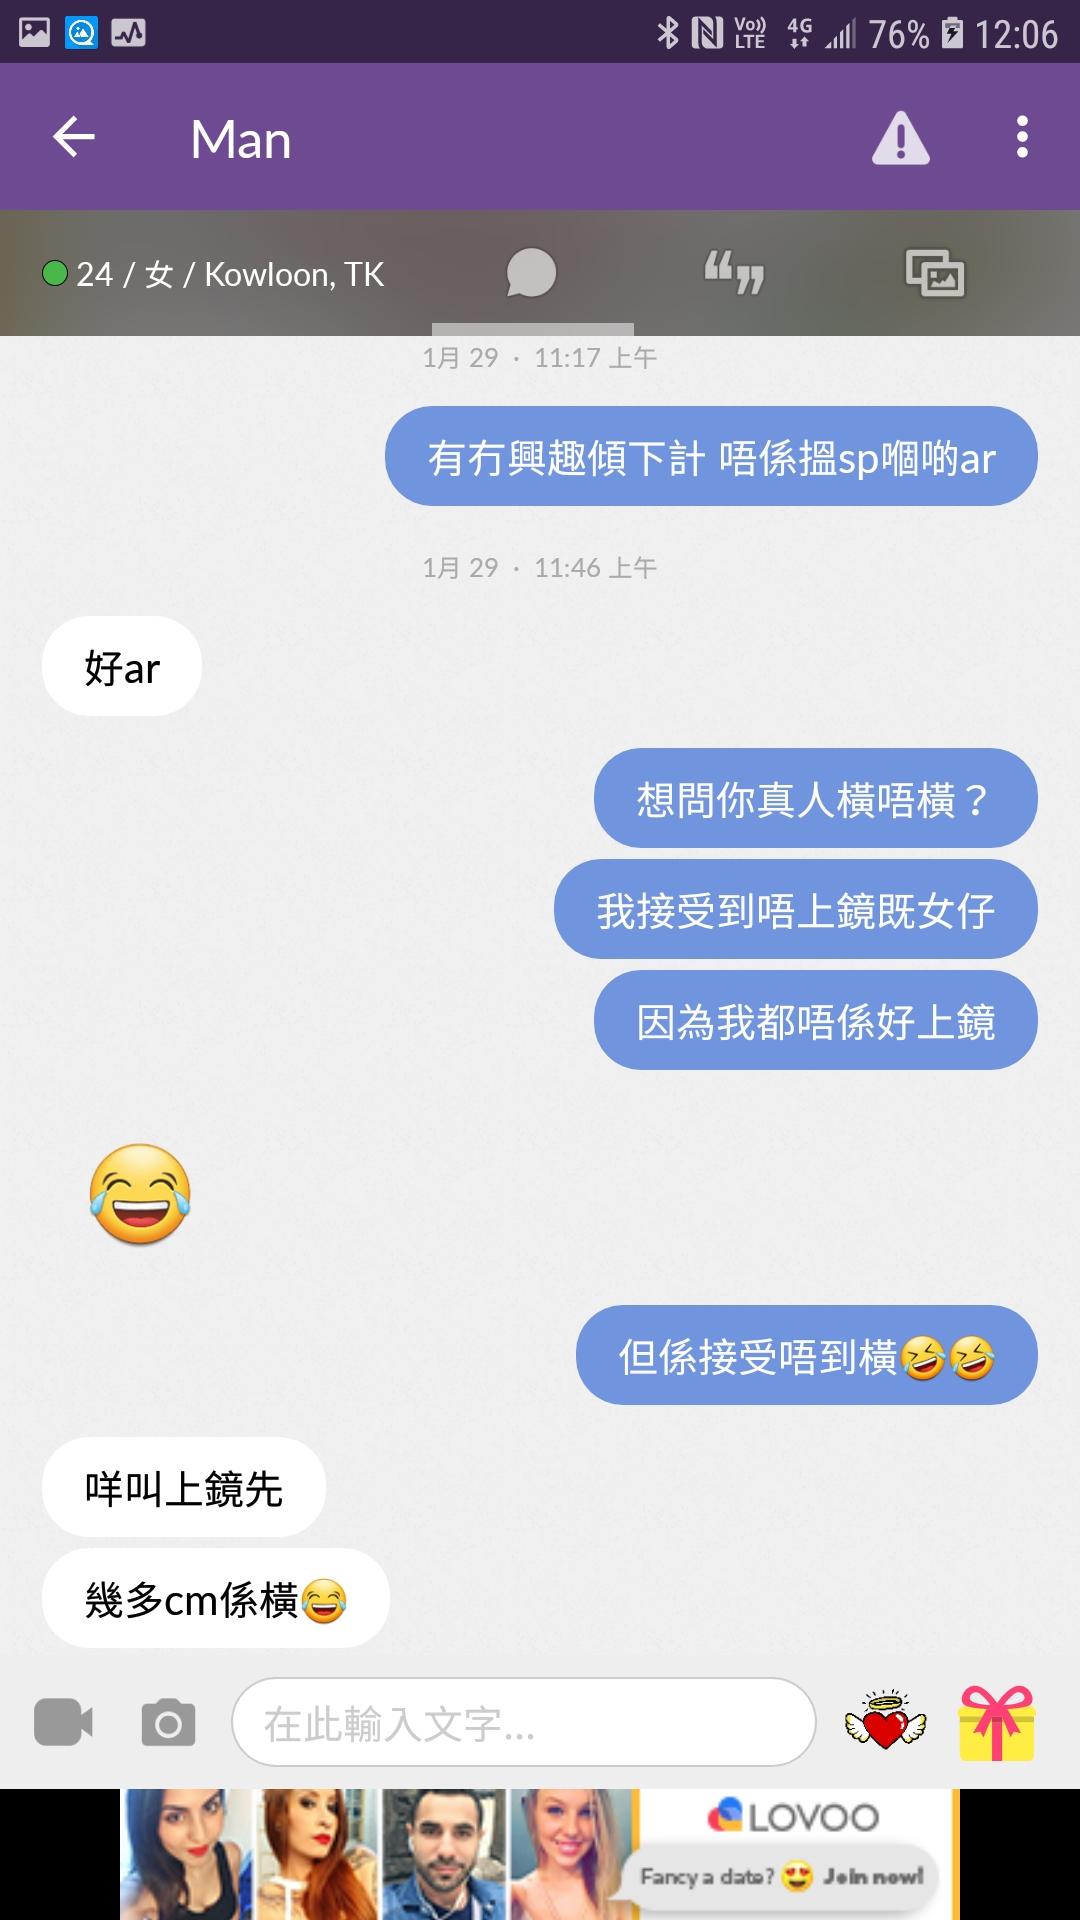 https://upload.cc/i1/2020/01/29/BaNGni.png